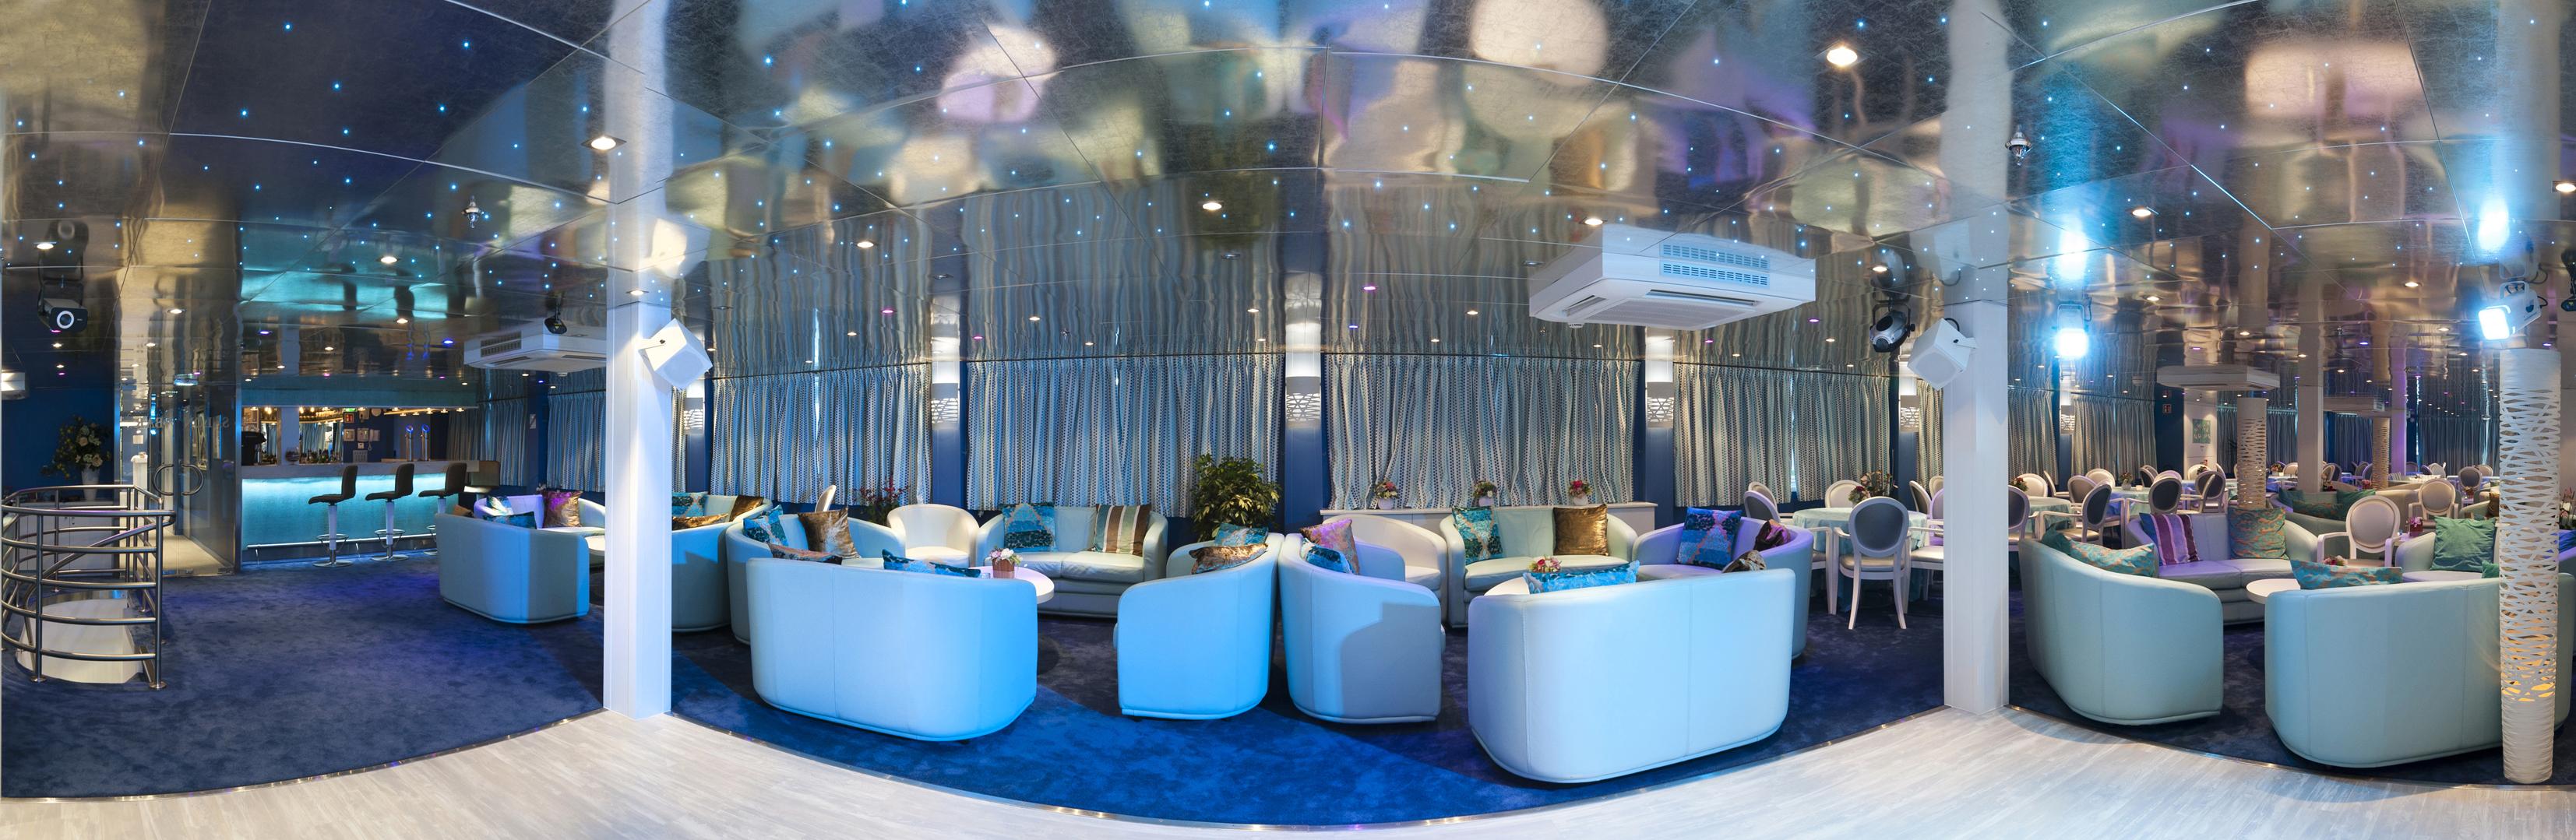 CroisiEurope MS Cyrano de Bergerac Interior Lounge Bar Panorama 1.jpg